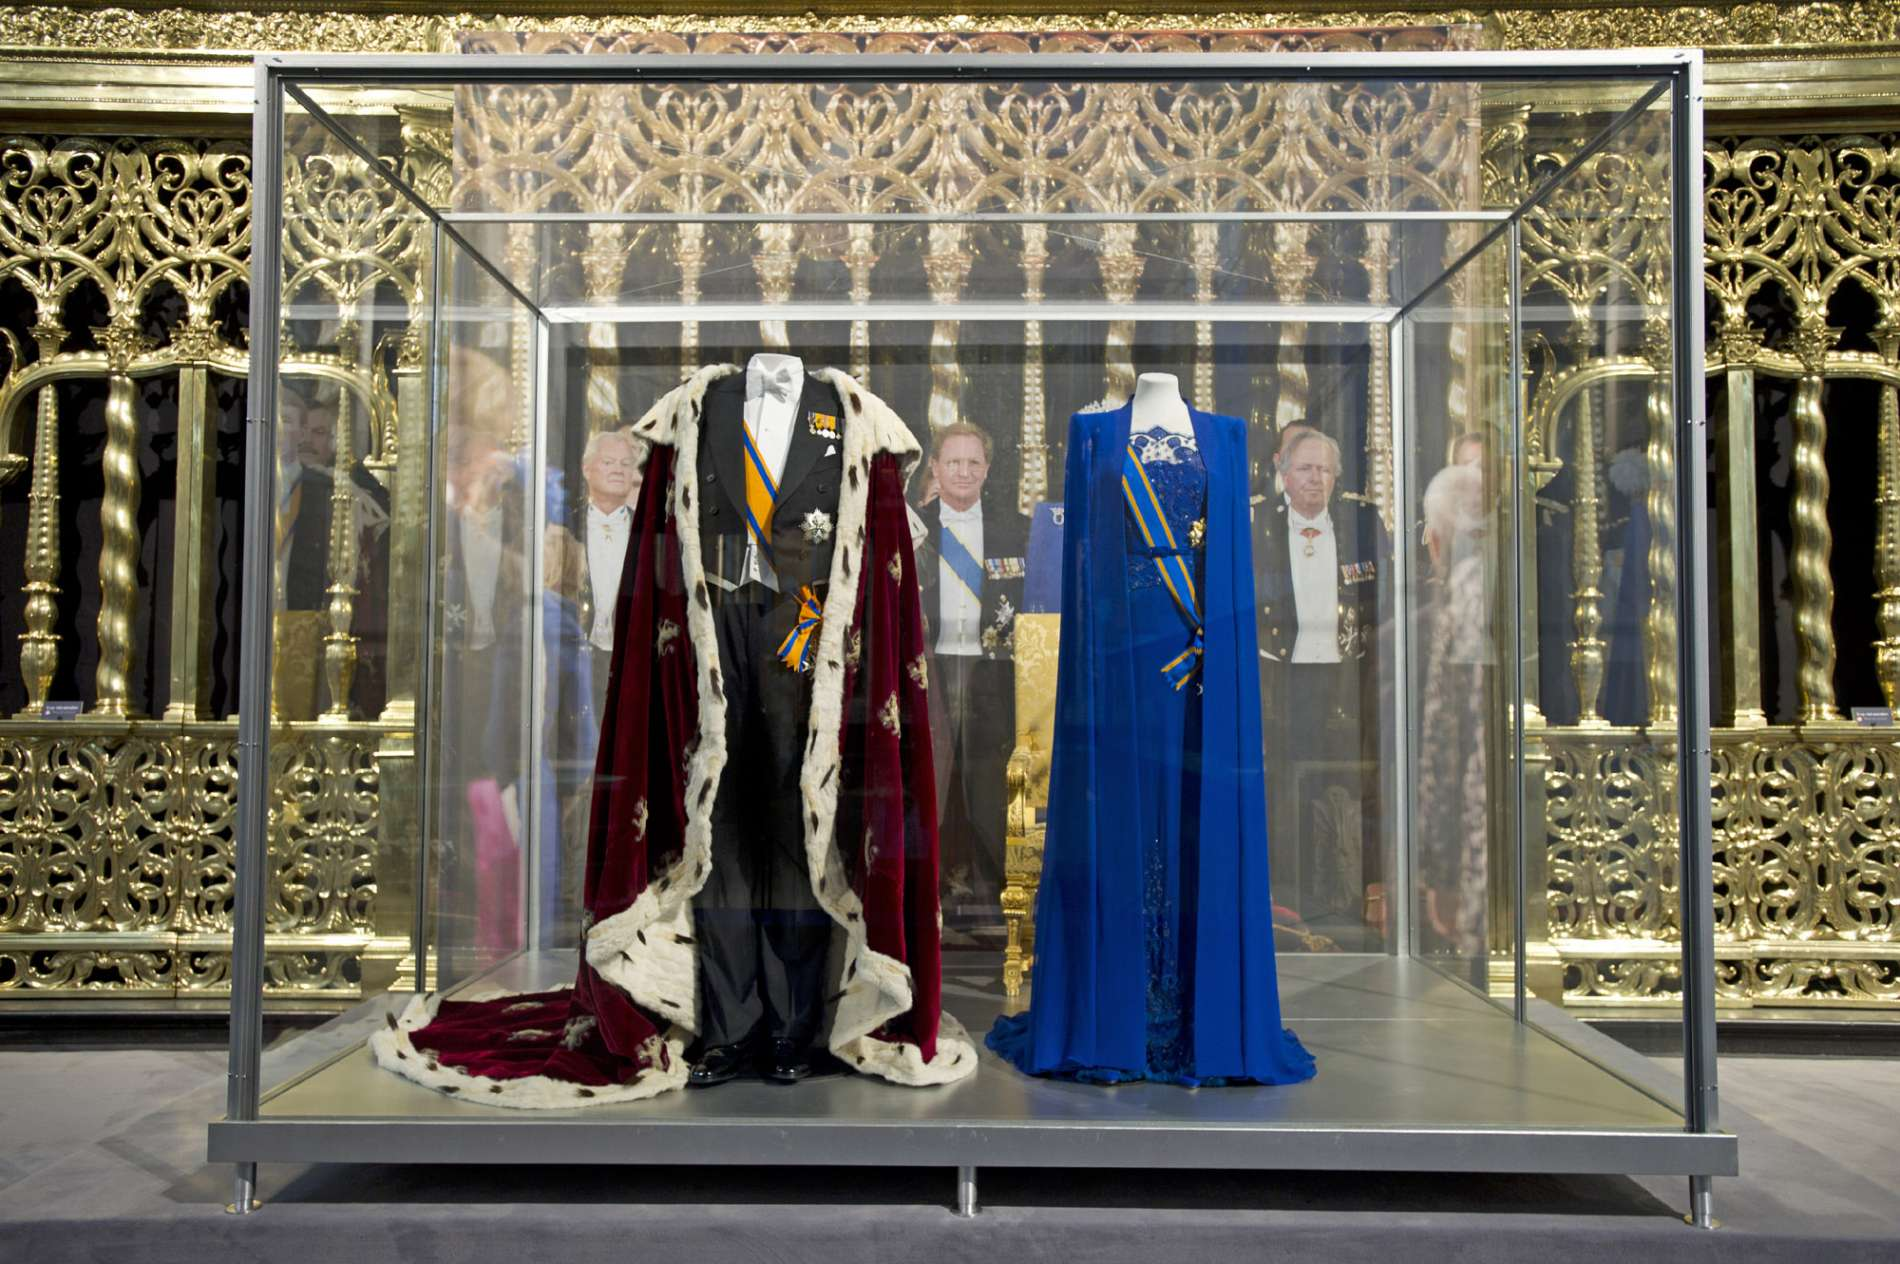 130618 Koningsmantel en rokkostuum van koning Willem-Alexander en de jurk van koningin Máxima in De Nieuwe Kerk in Amsterdam